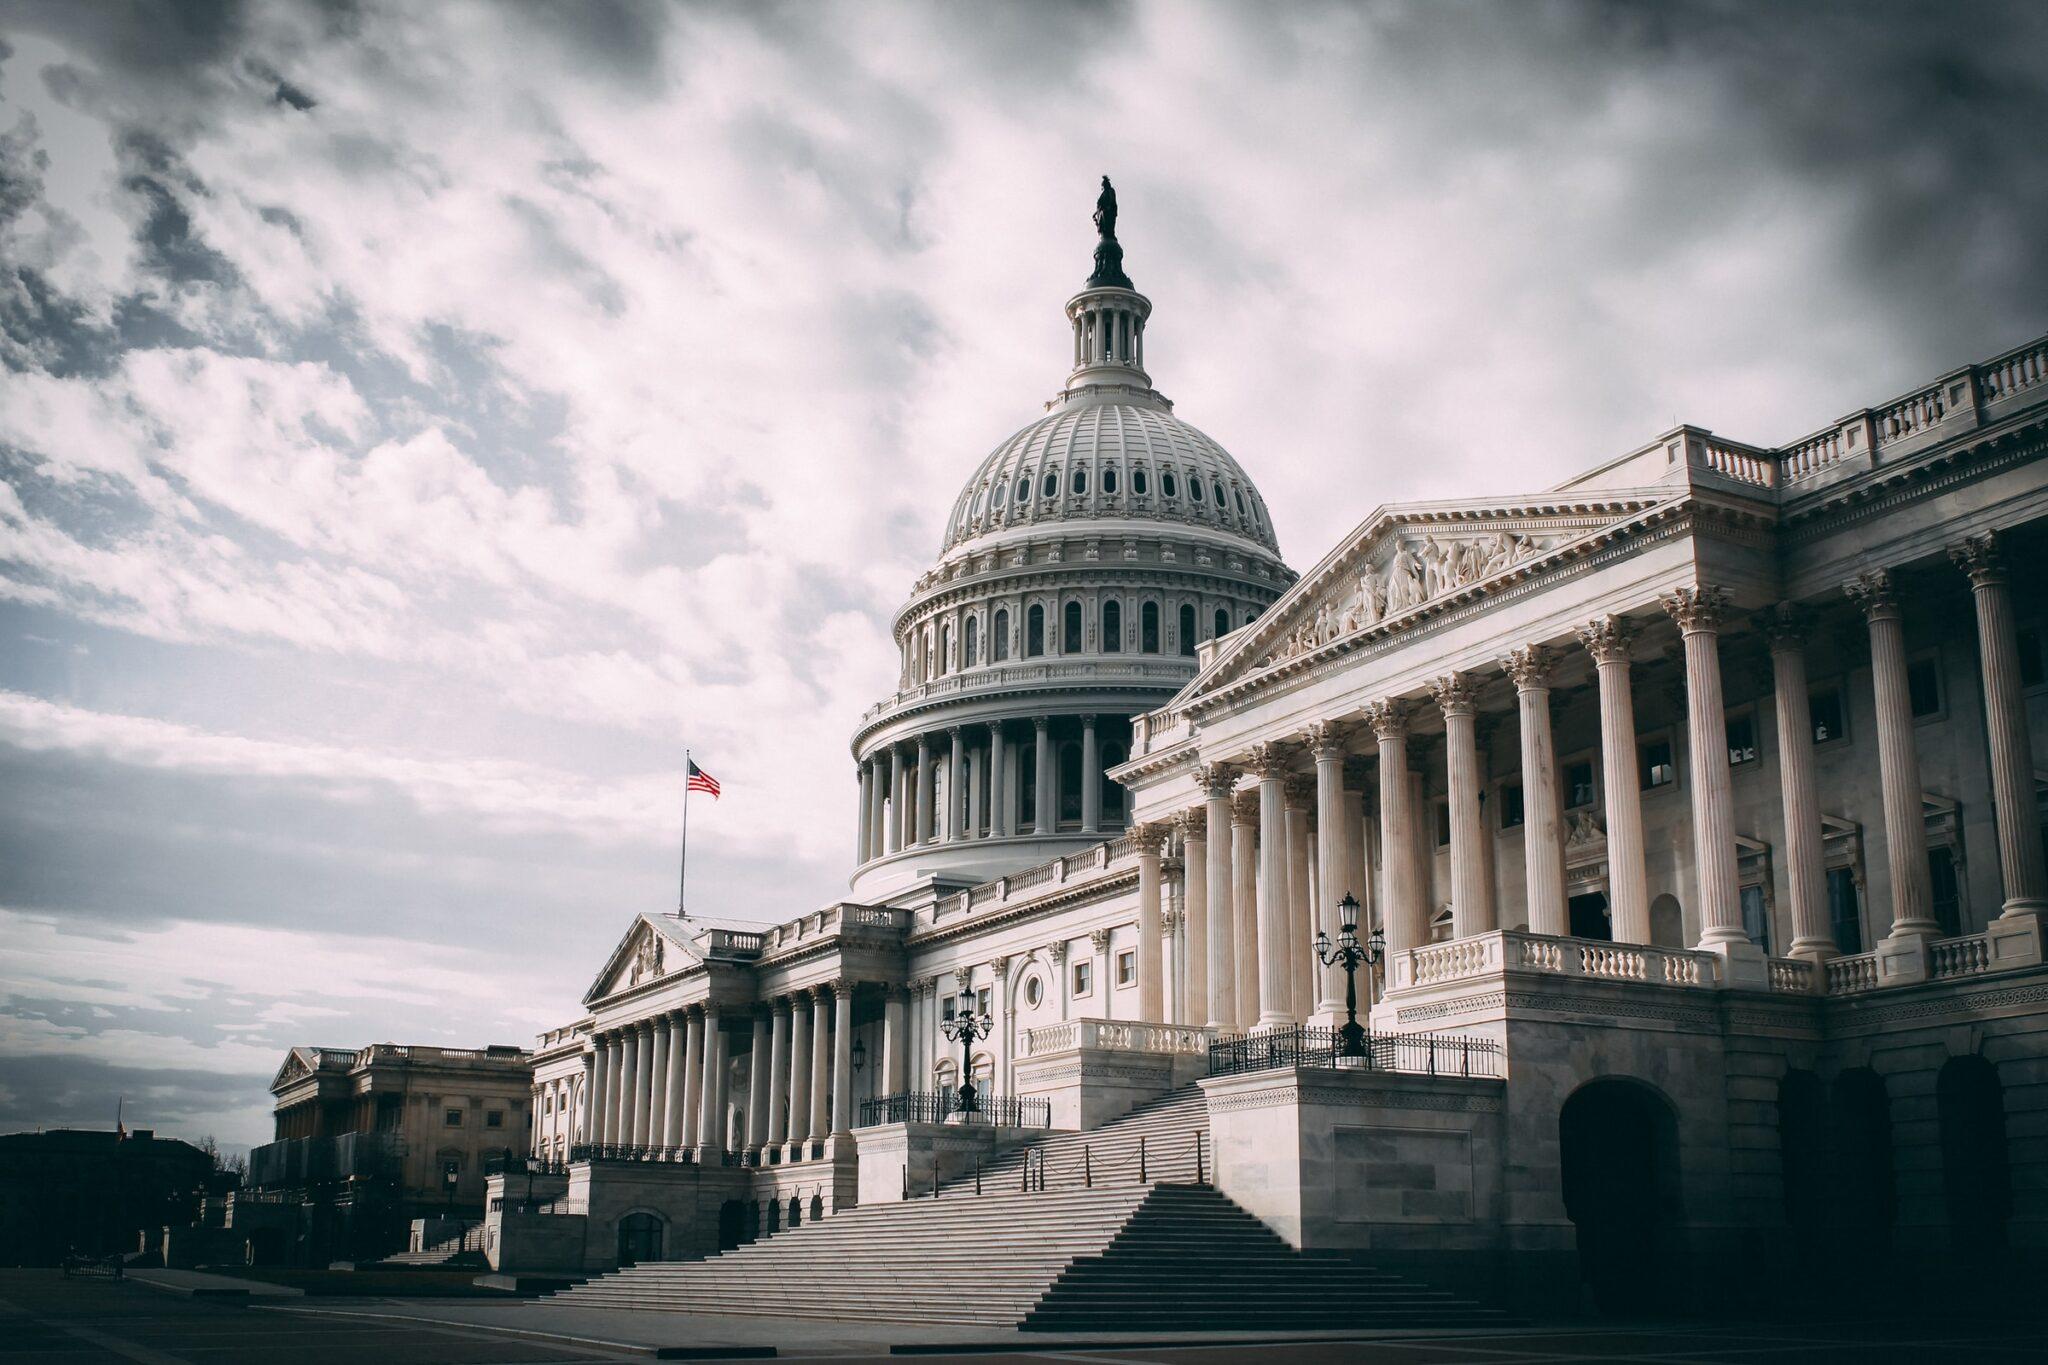 Das weisse Haus in Washington D.C., USA aus einer Perspektive rechts unten aufgenommen vor bewölktem Himmel